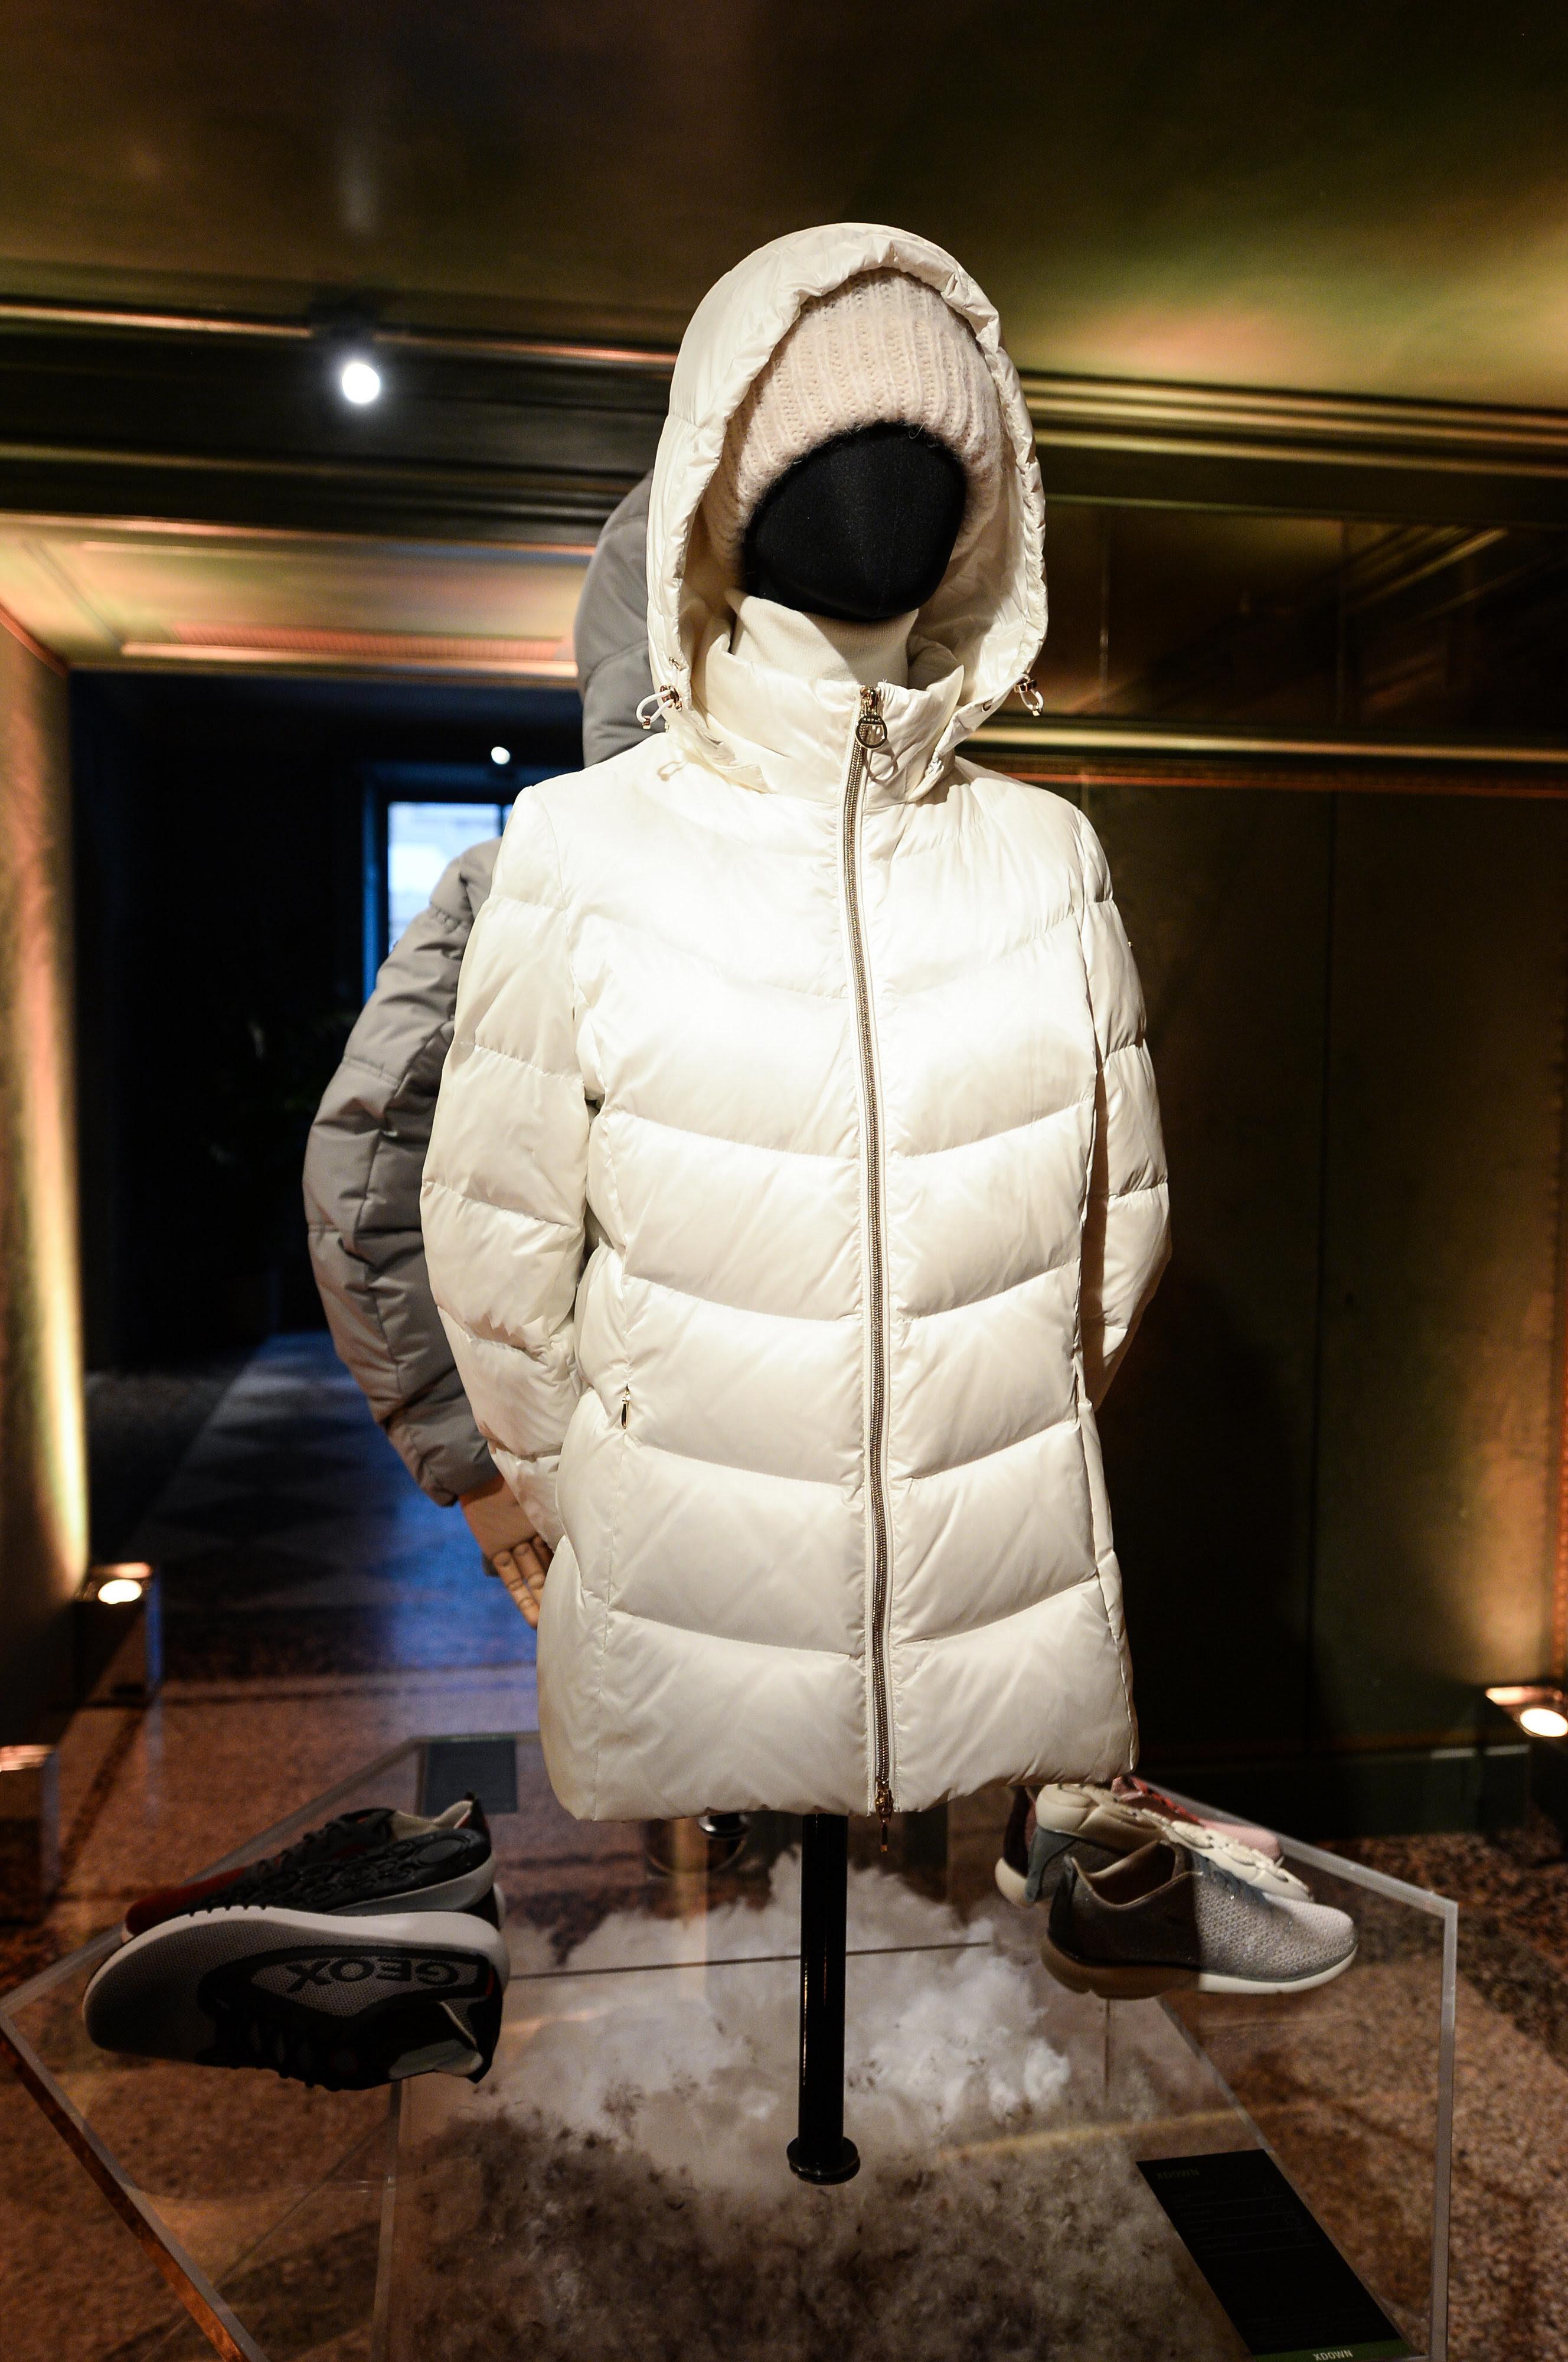 a6ffae71 feca 461a adbd 7c390a9691b5 - GEOX presenta su colección Otoño/Invierno 2020 de calzado y prendas exteriores para mujer